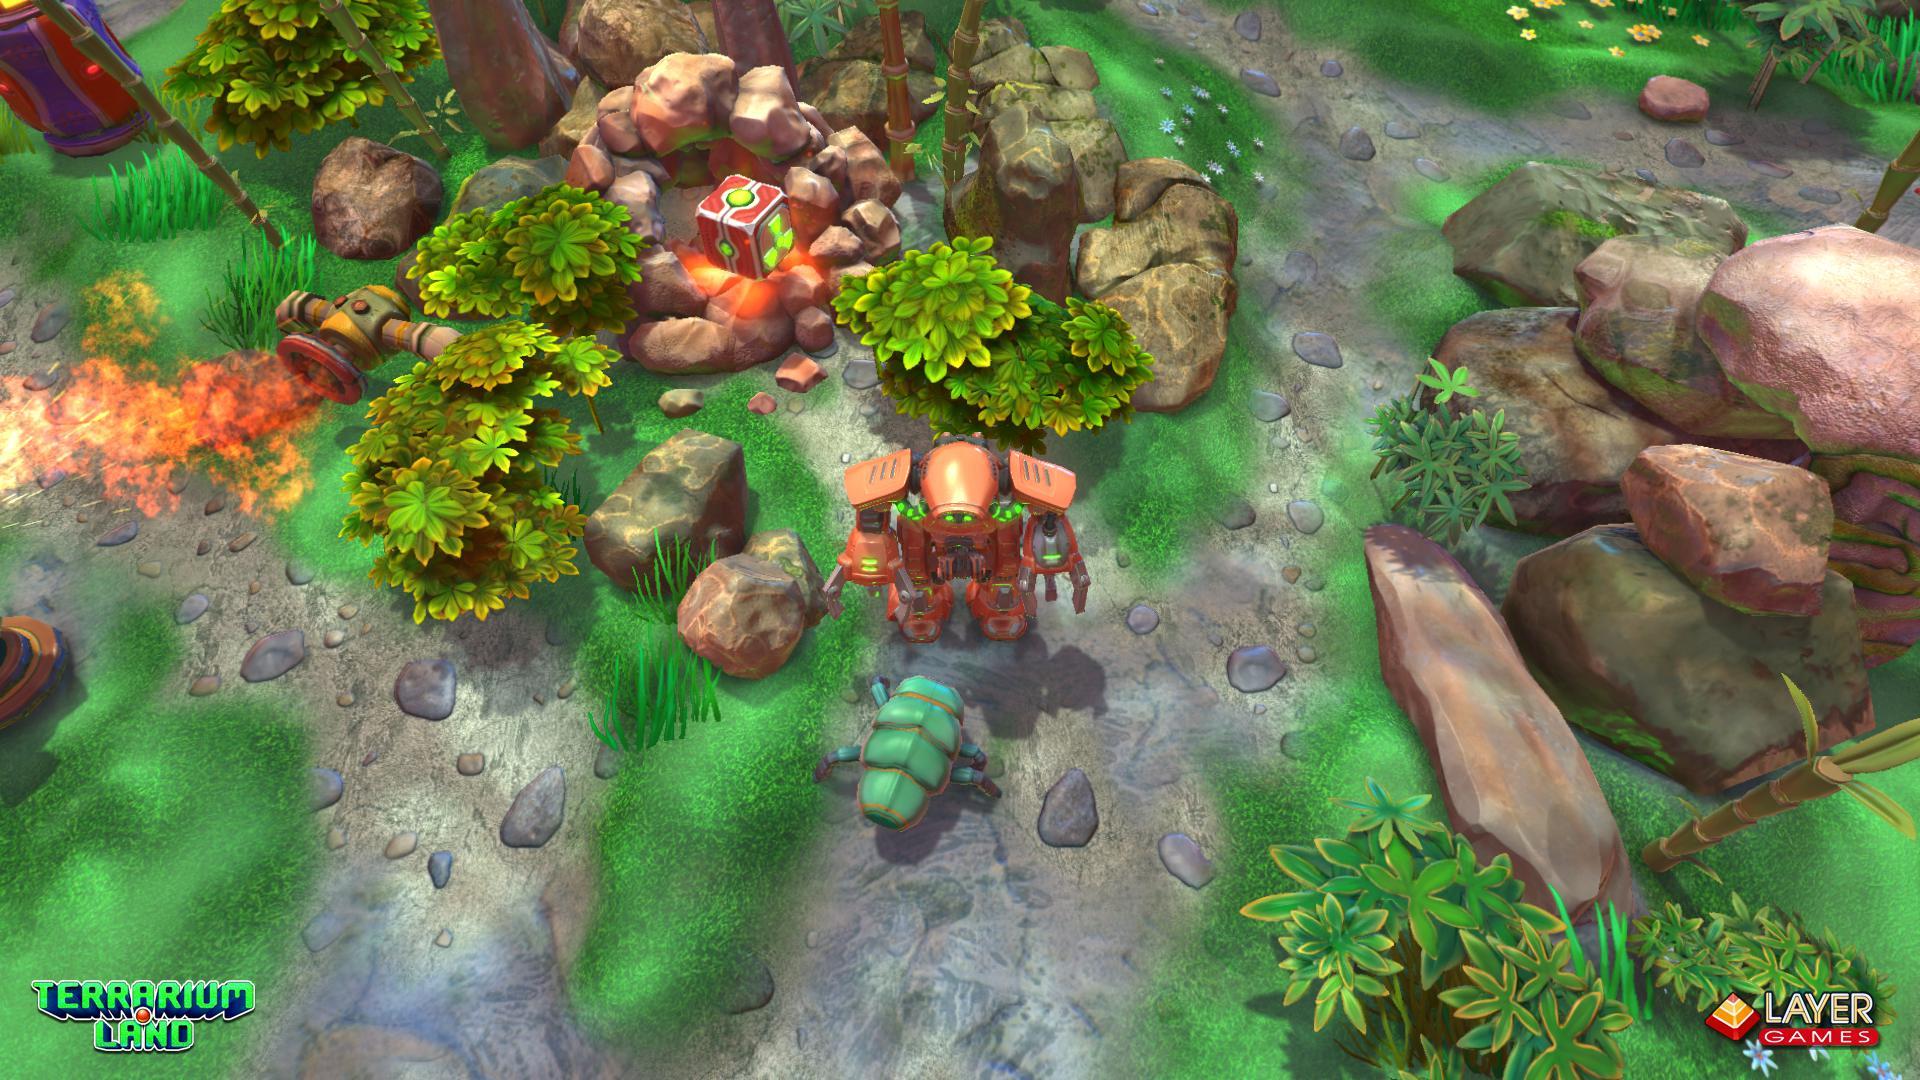 """3d игра """"Terrarium Land"""" весной выходит в Steam. - Изображение 2"""